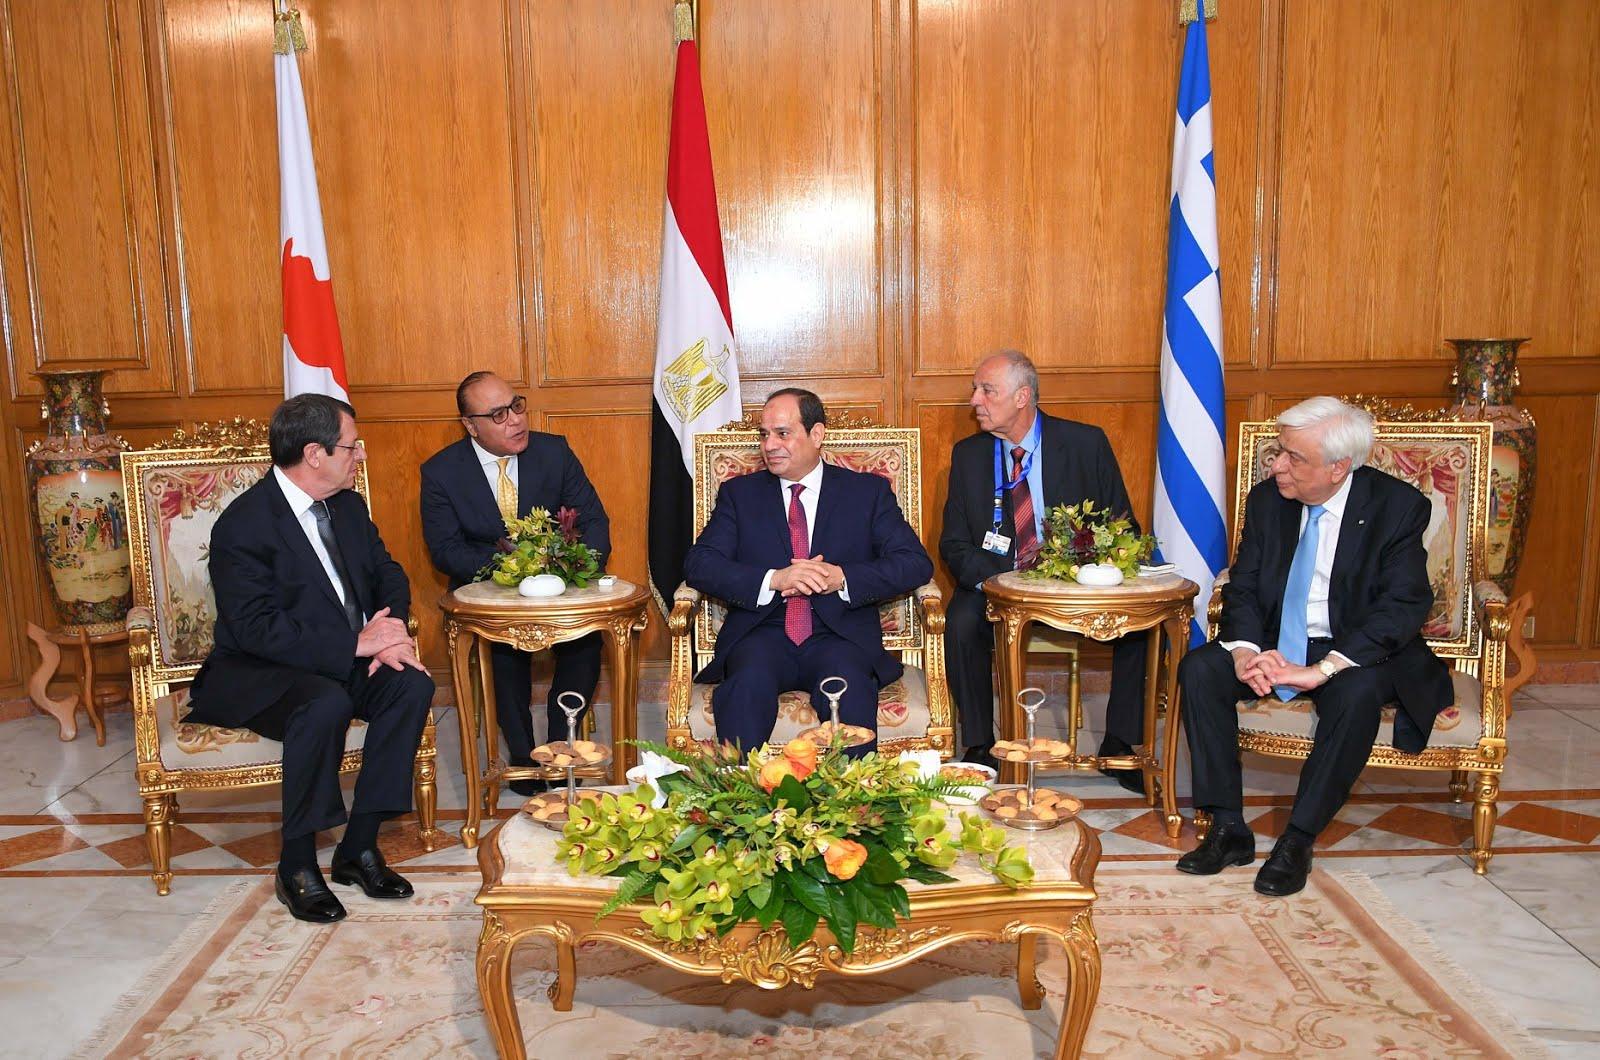 مصر وقبرص واليونان يطلقون مبادرة (العودة الى الجذور) لتوثيق العلاقات